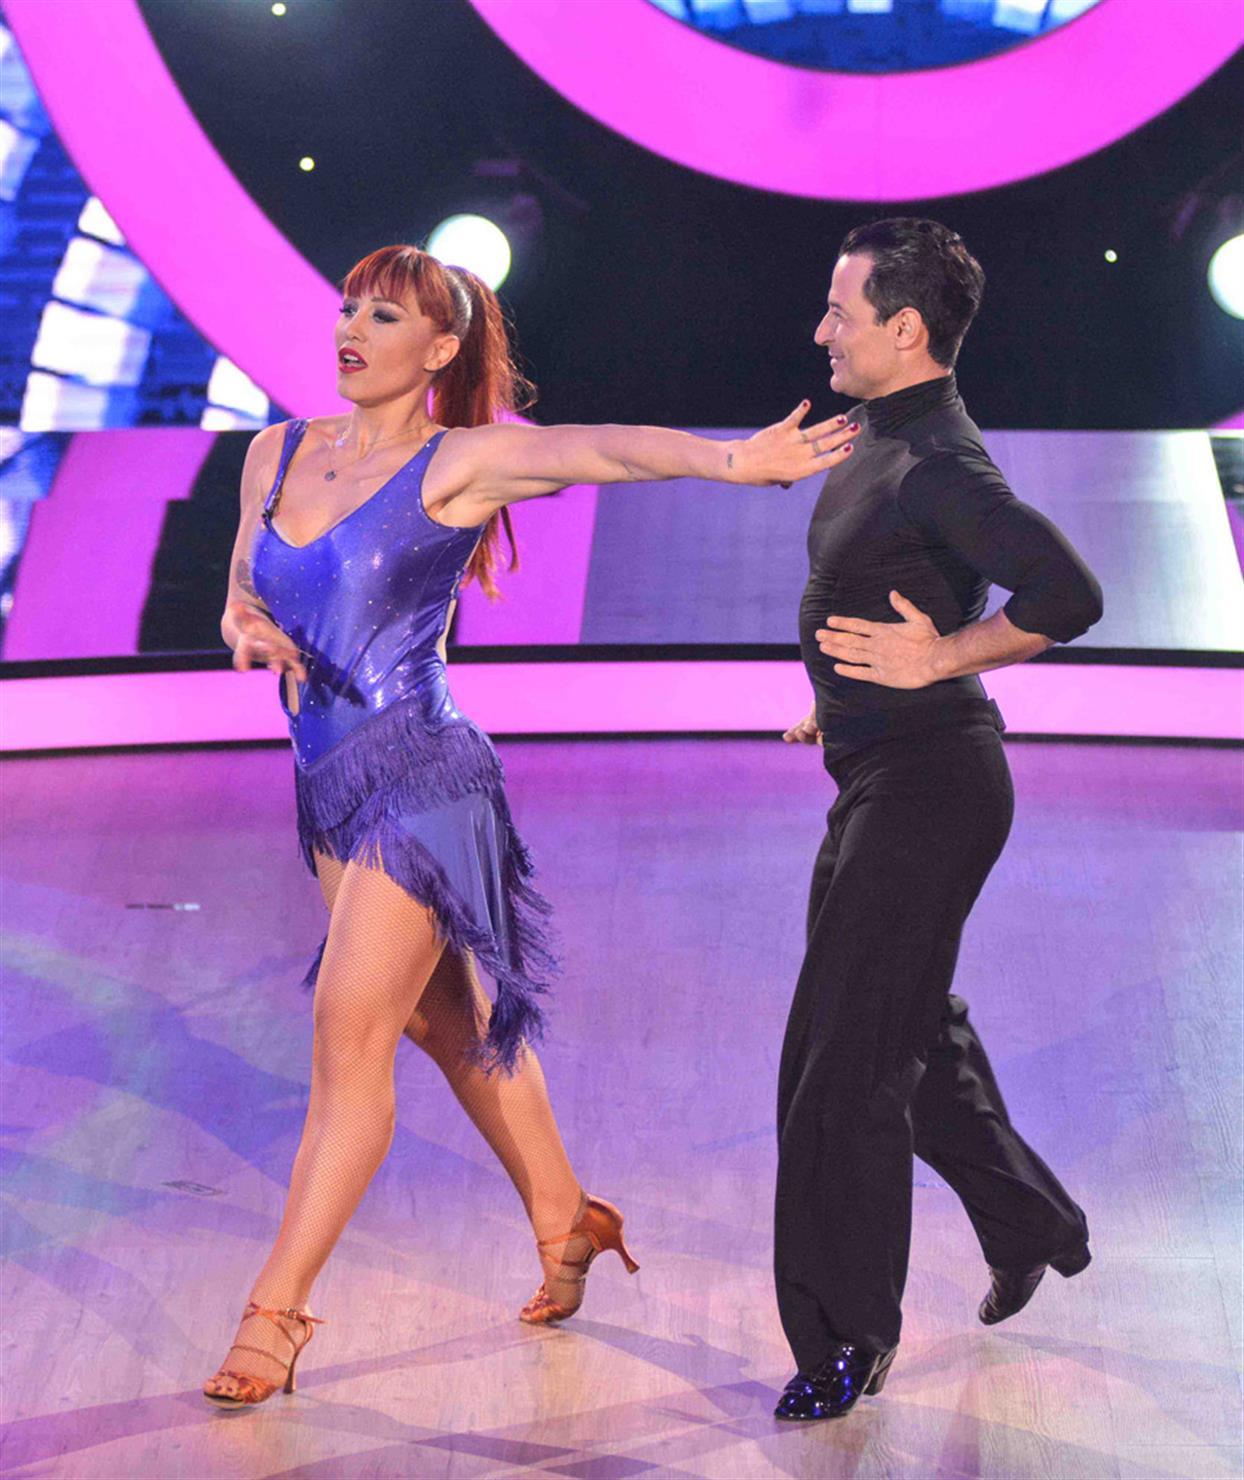 Πηνελόπη Αναστασοπούλου - DANCING WITH THE STARS - LIVE 1